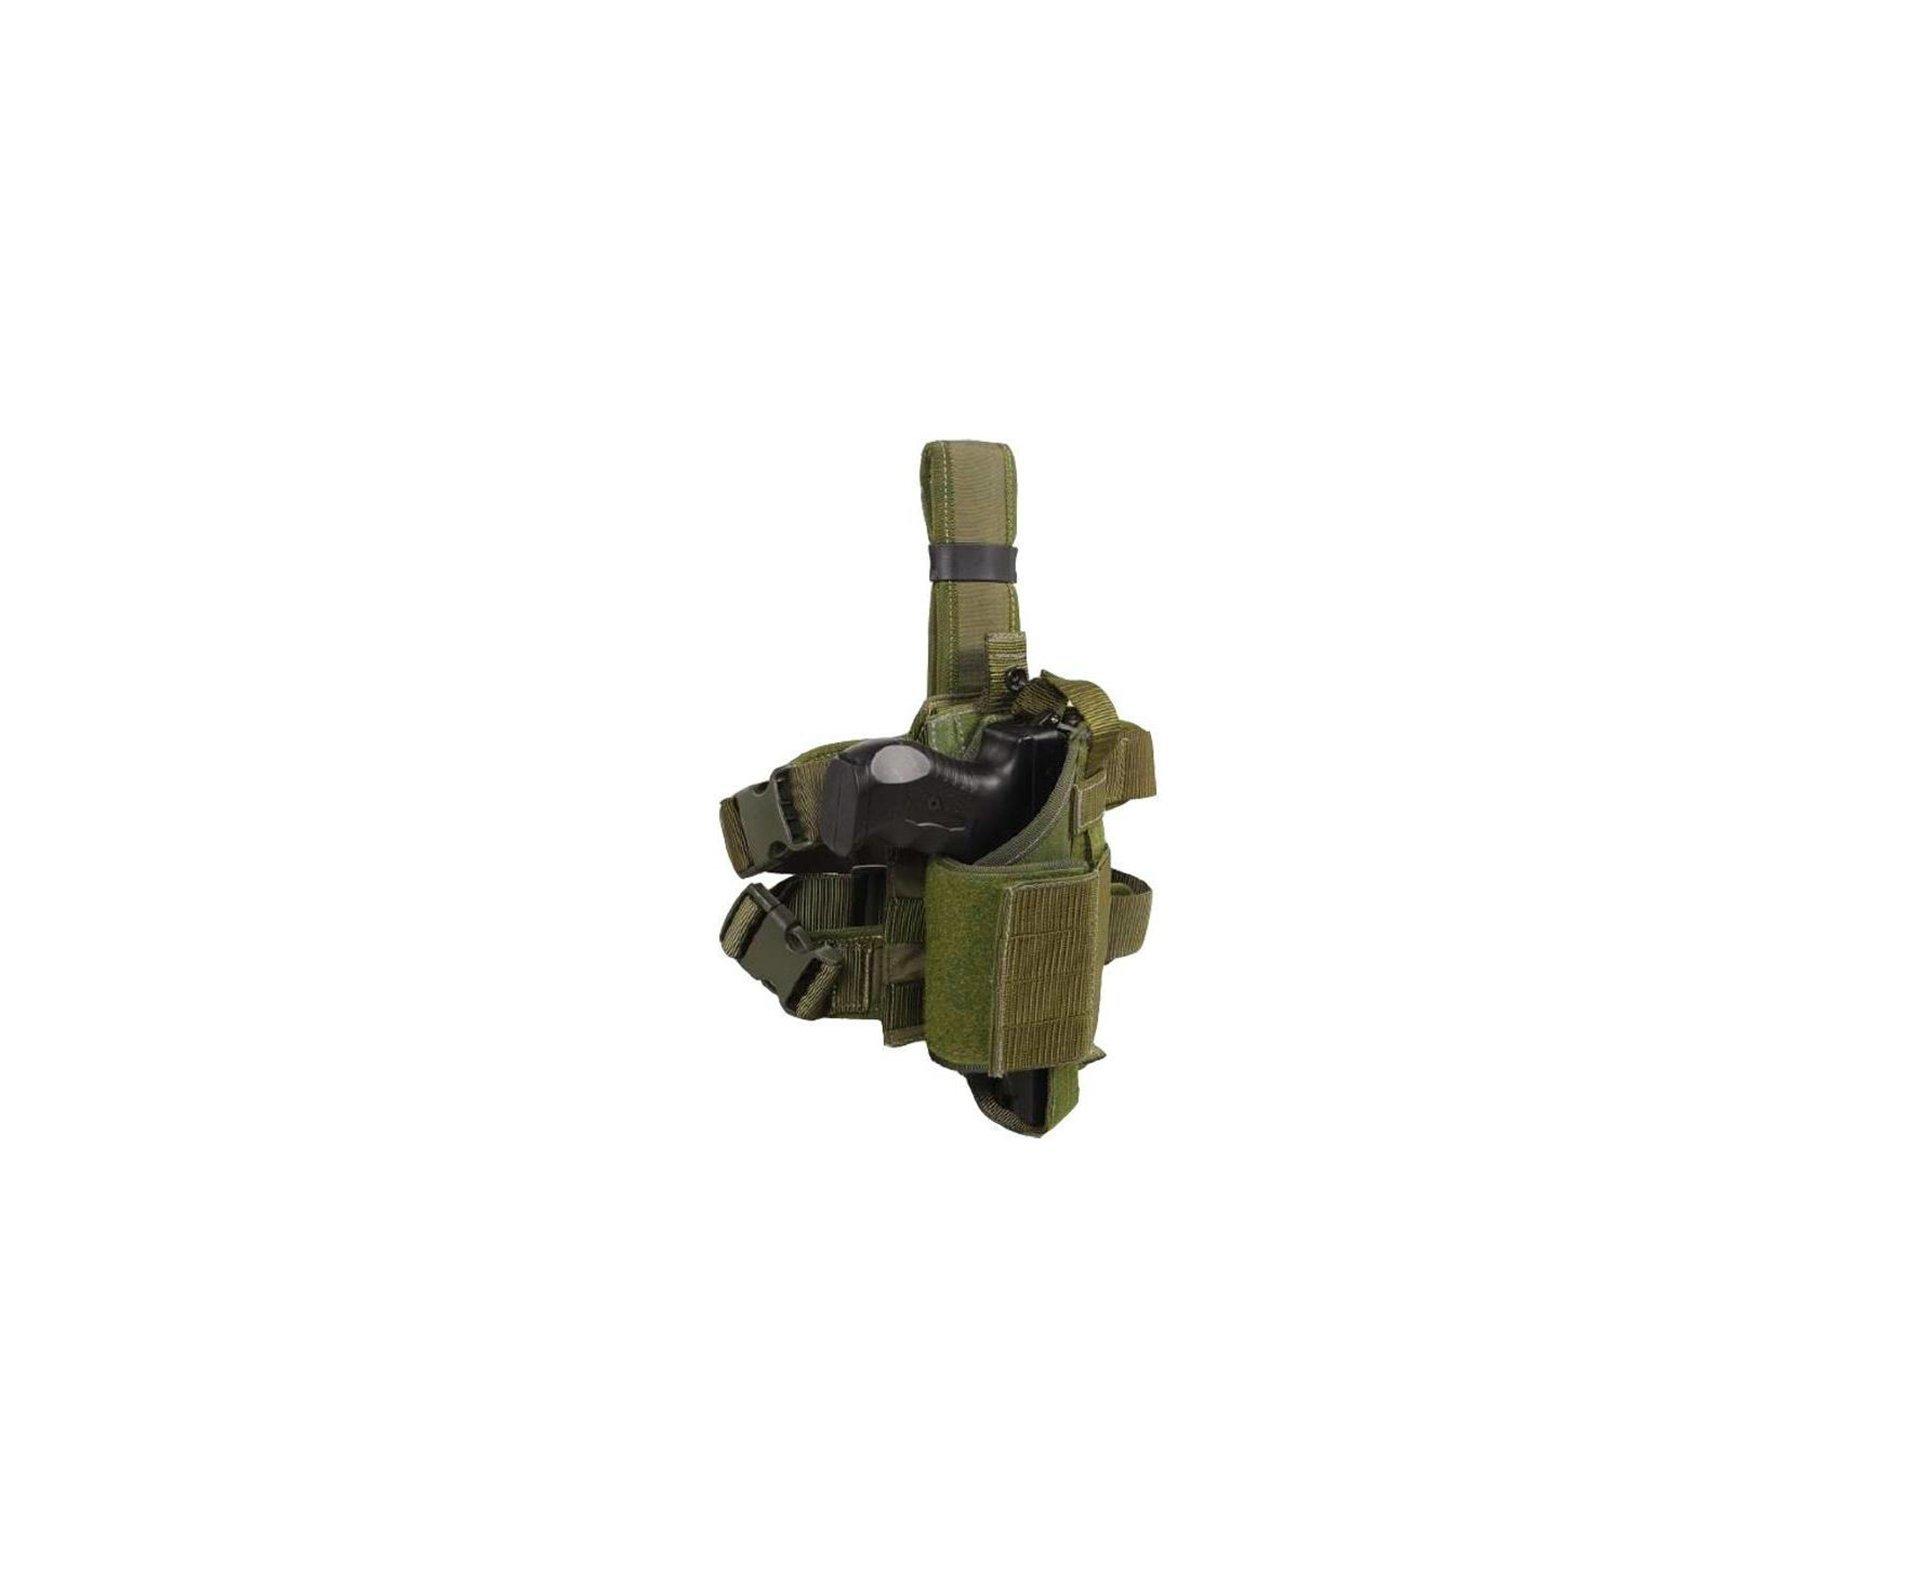 Coldre Tático Modular Com Plataforma - Dacs - Verde Militar